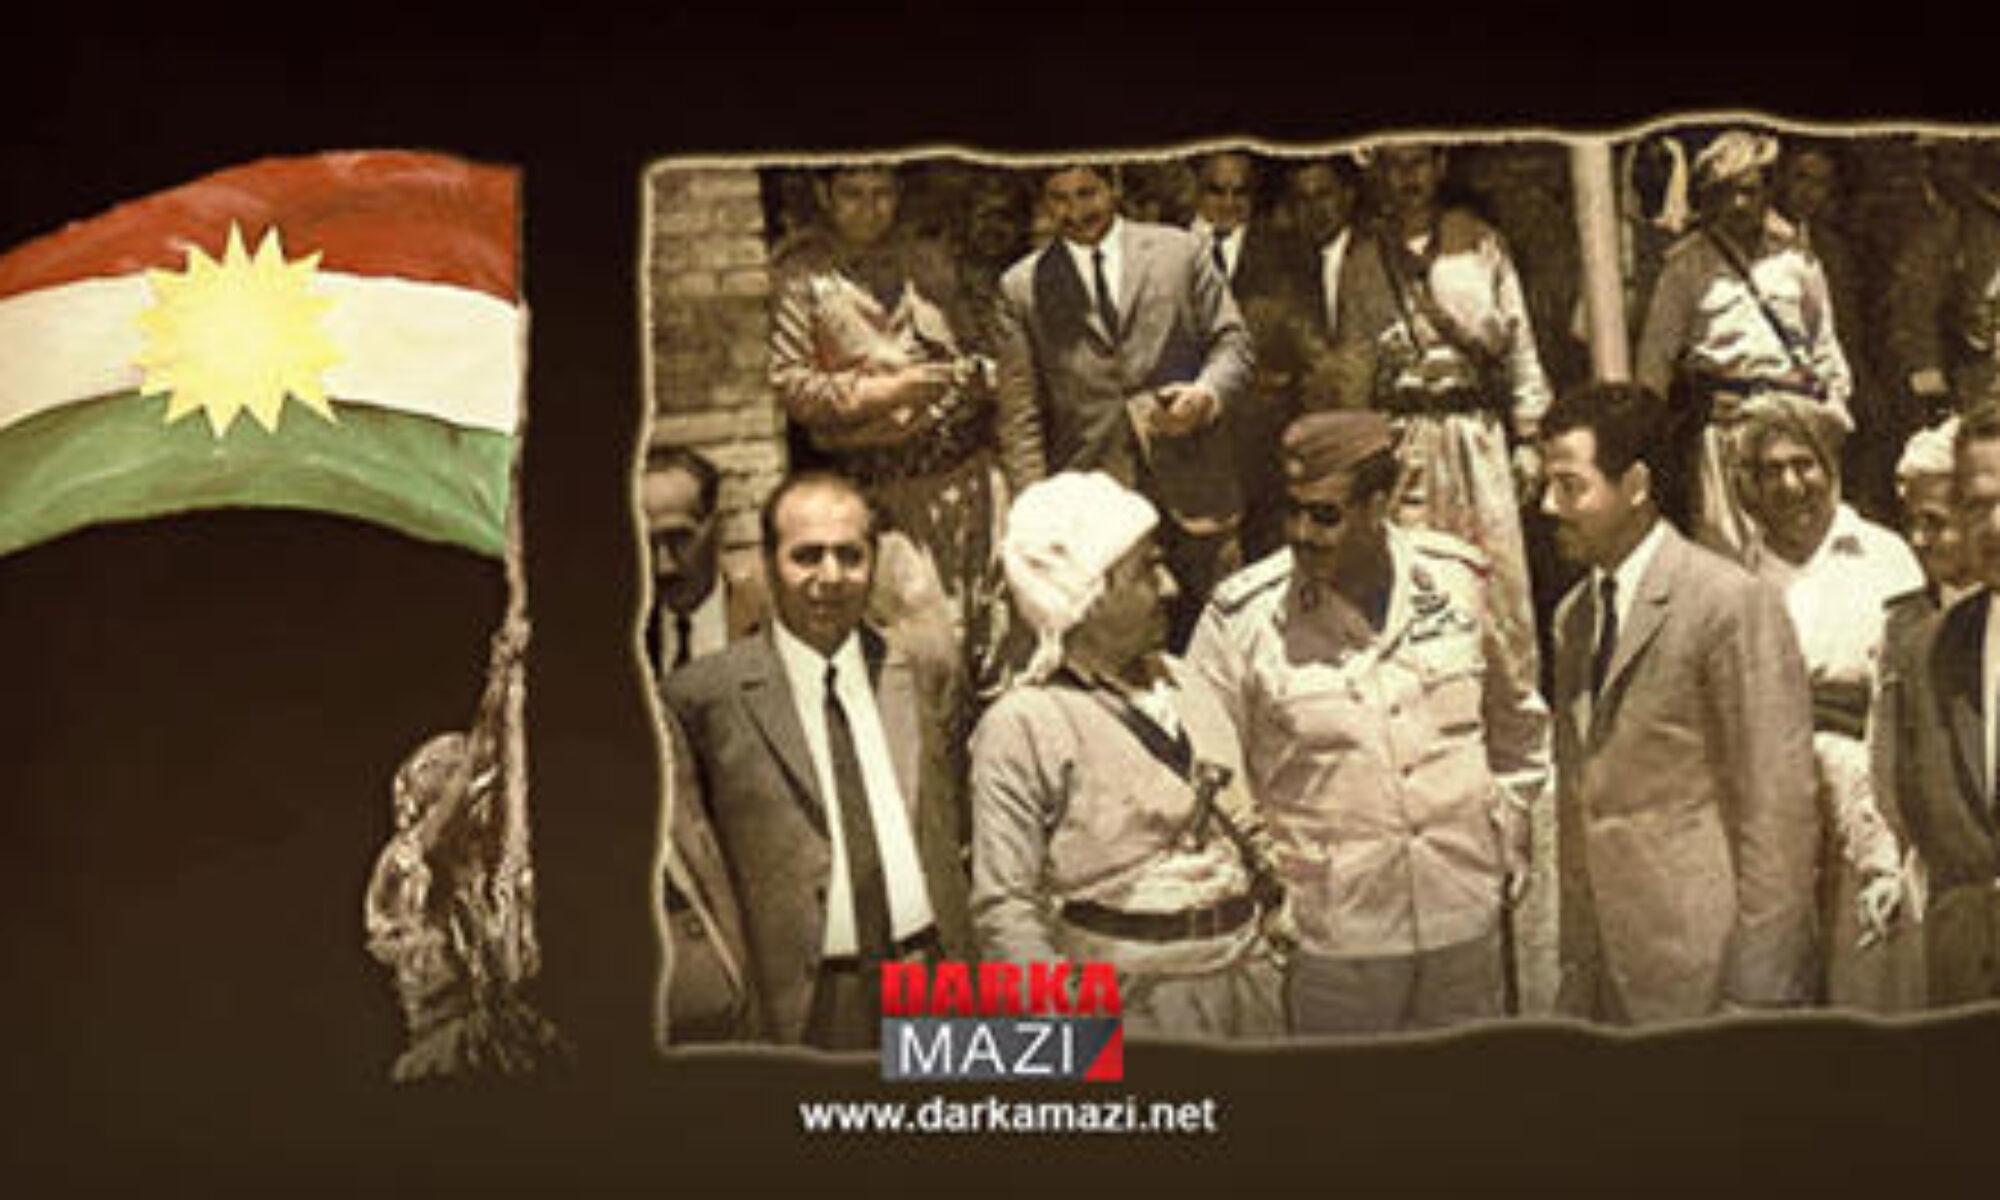 Ölümsüz Barzani'nin Irak devletini anlaşmaya mecbur bıraktığı 11 Mart anlaşmasının üzeriden 50 yıl geçti